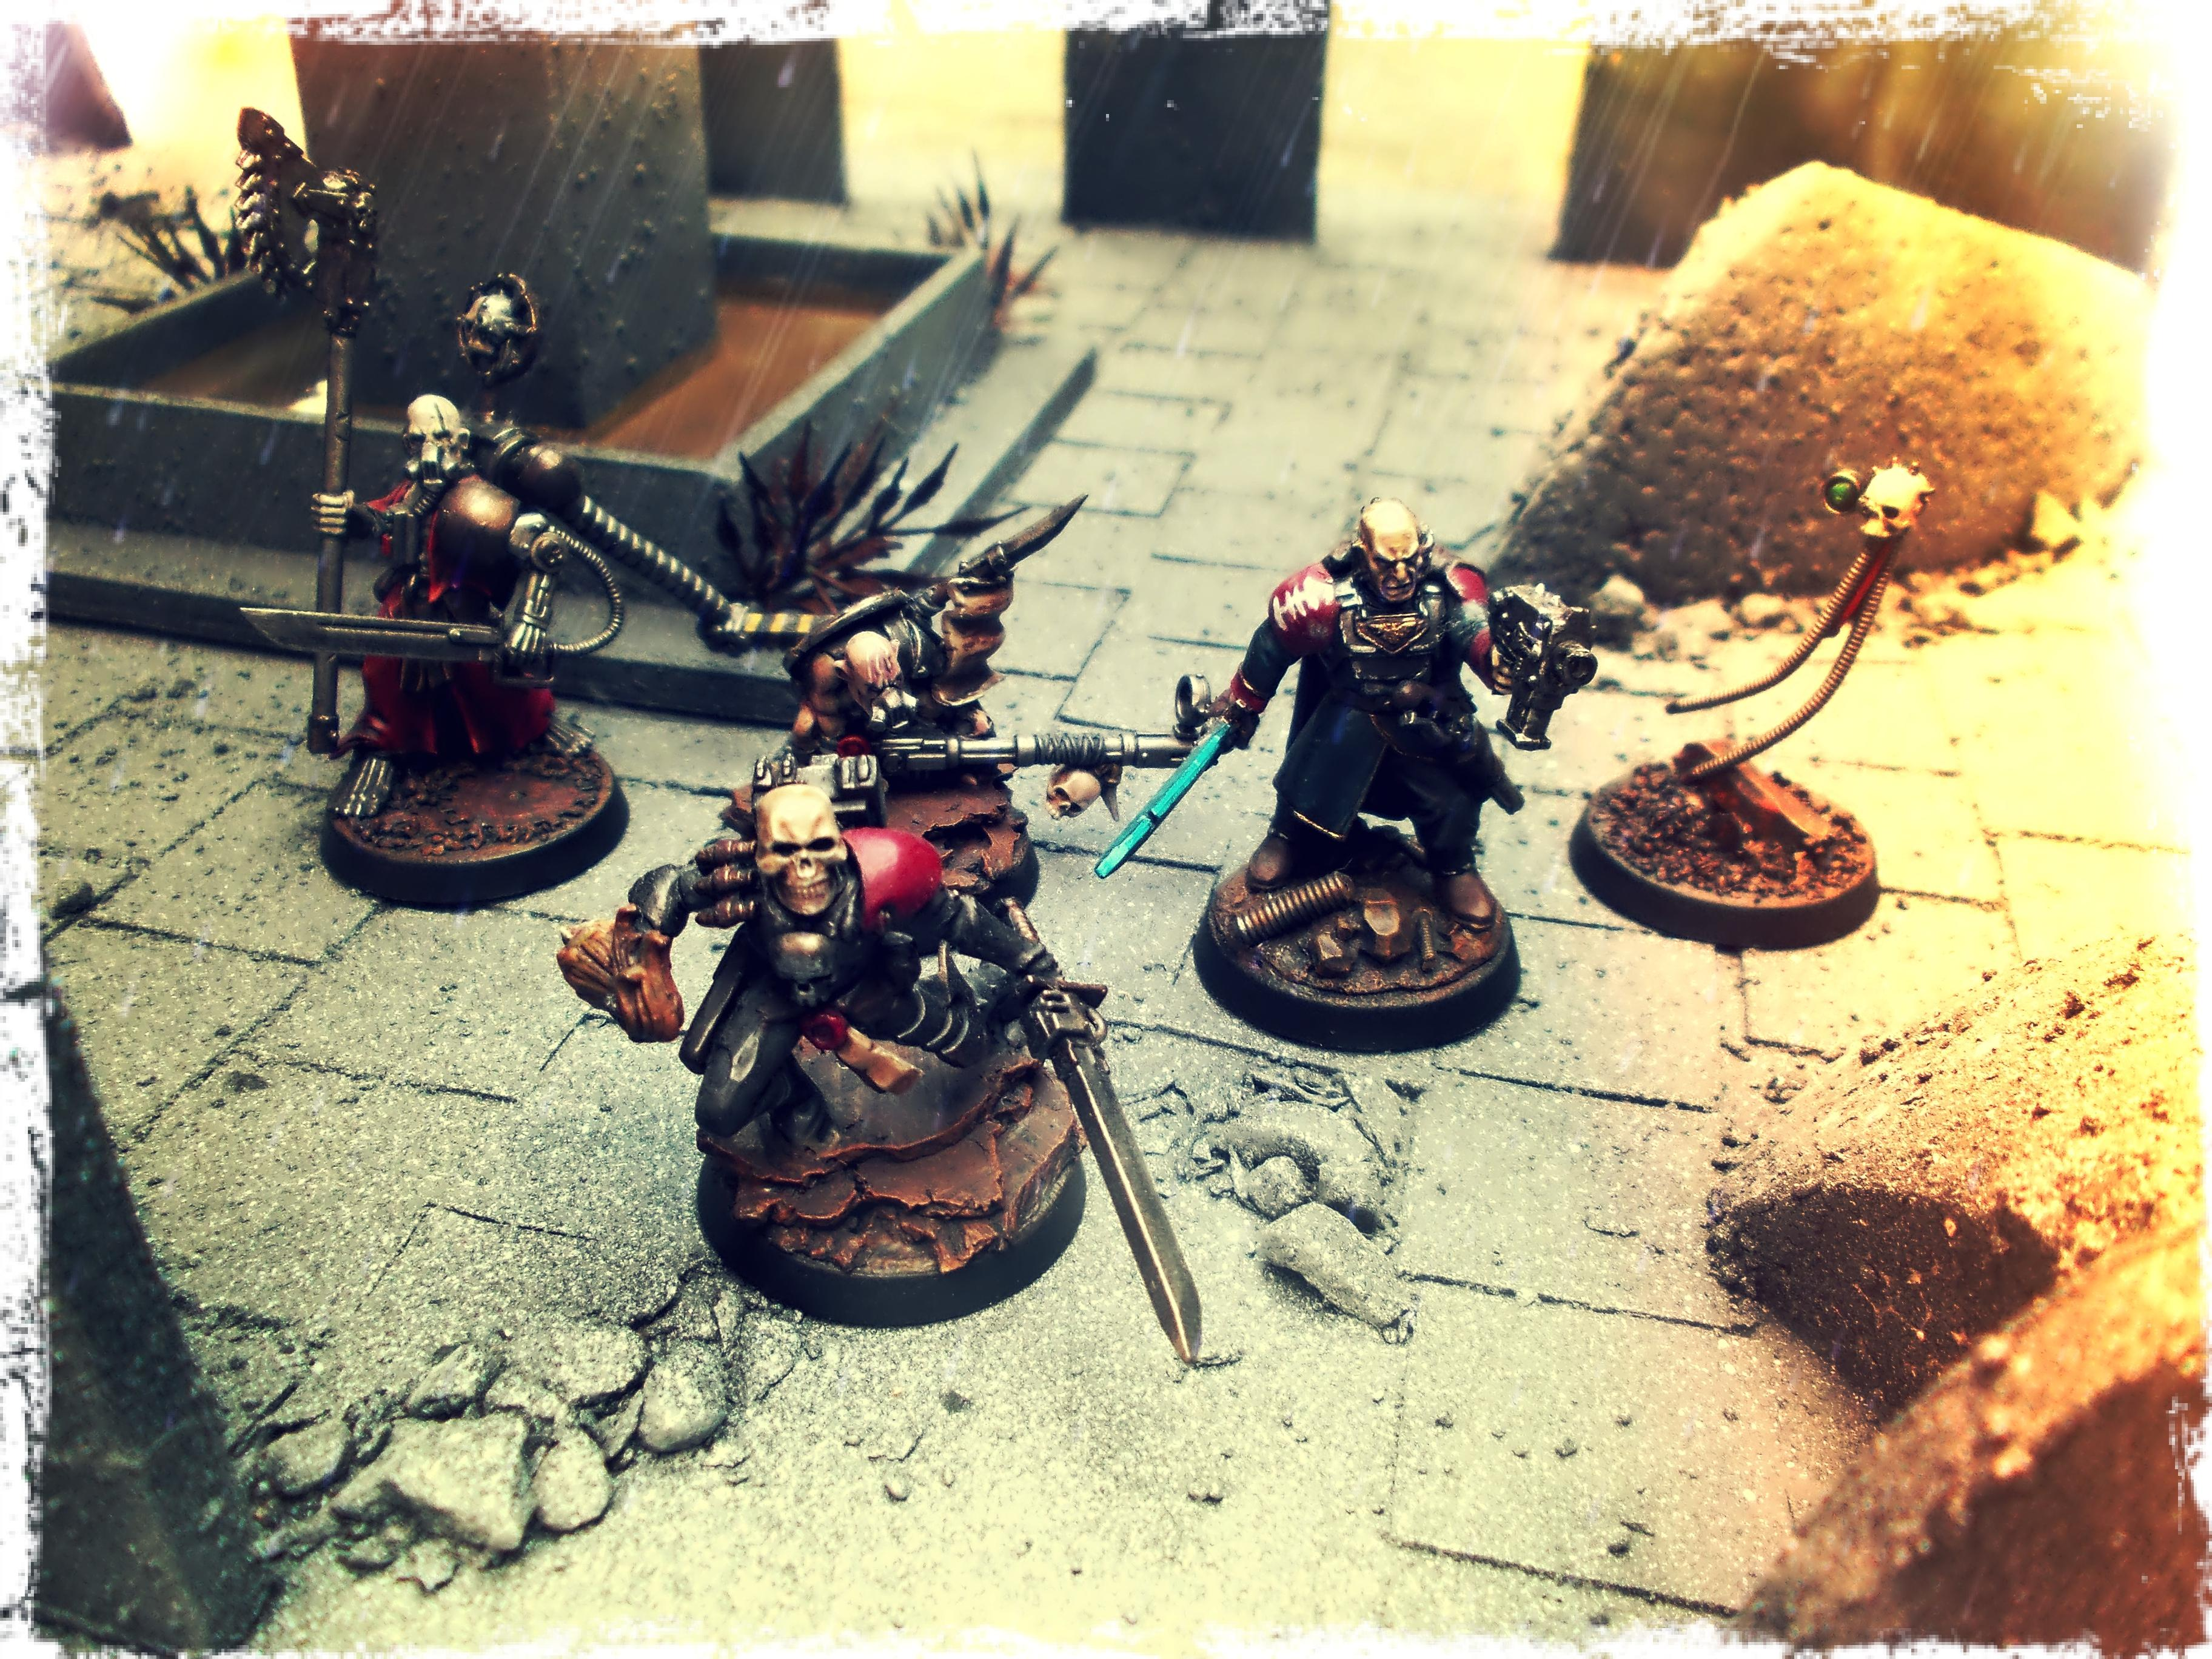 Conversion, Inq28, Inquisimunda, Inquisitor, Inquisitor 28, Inquisitor Antrecht, Kitbash, Ordo Malleus, Retinue, Warband, Warhammer 40,000